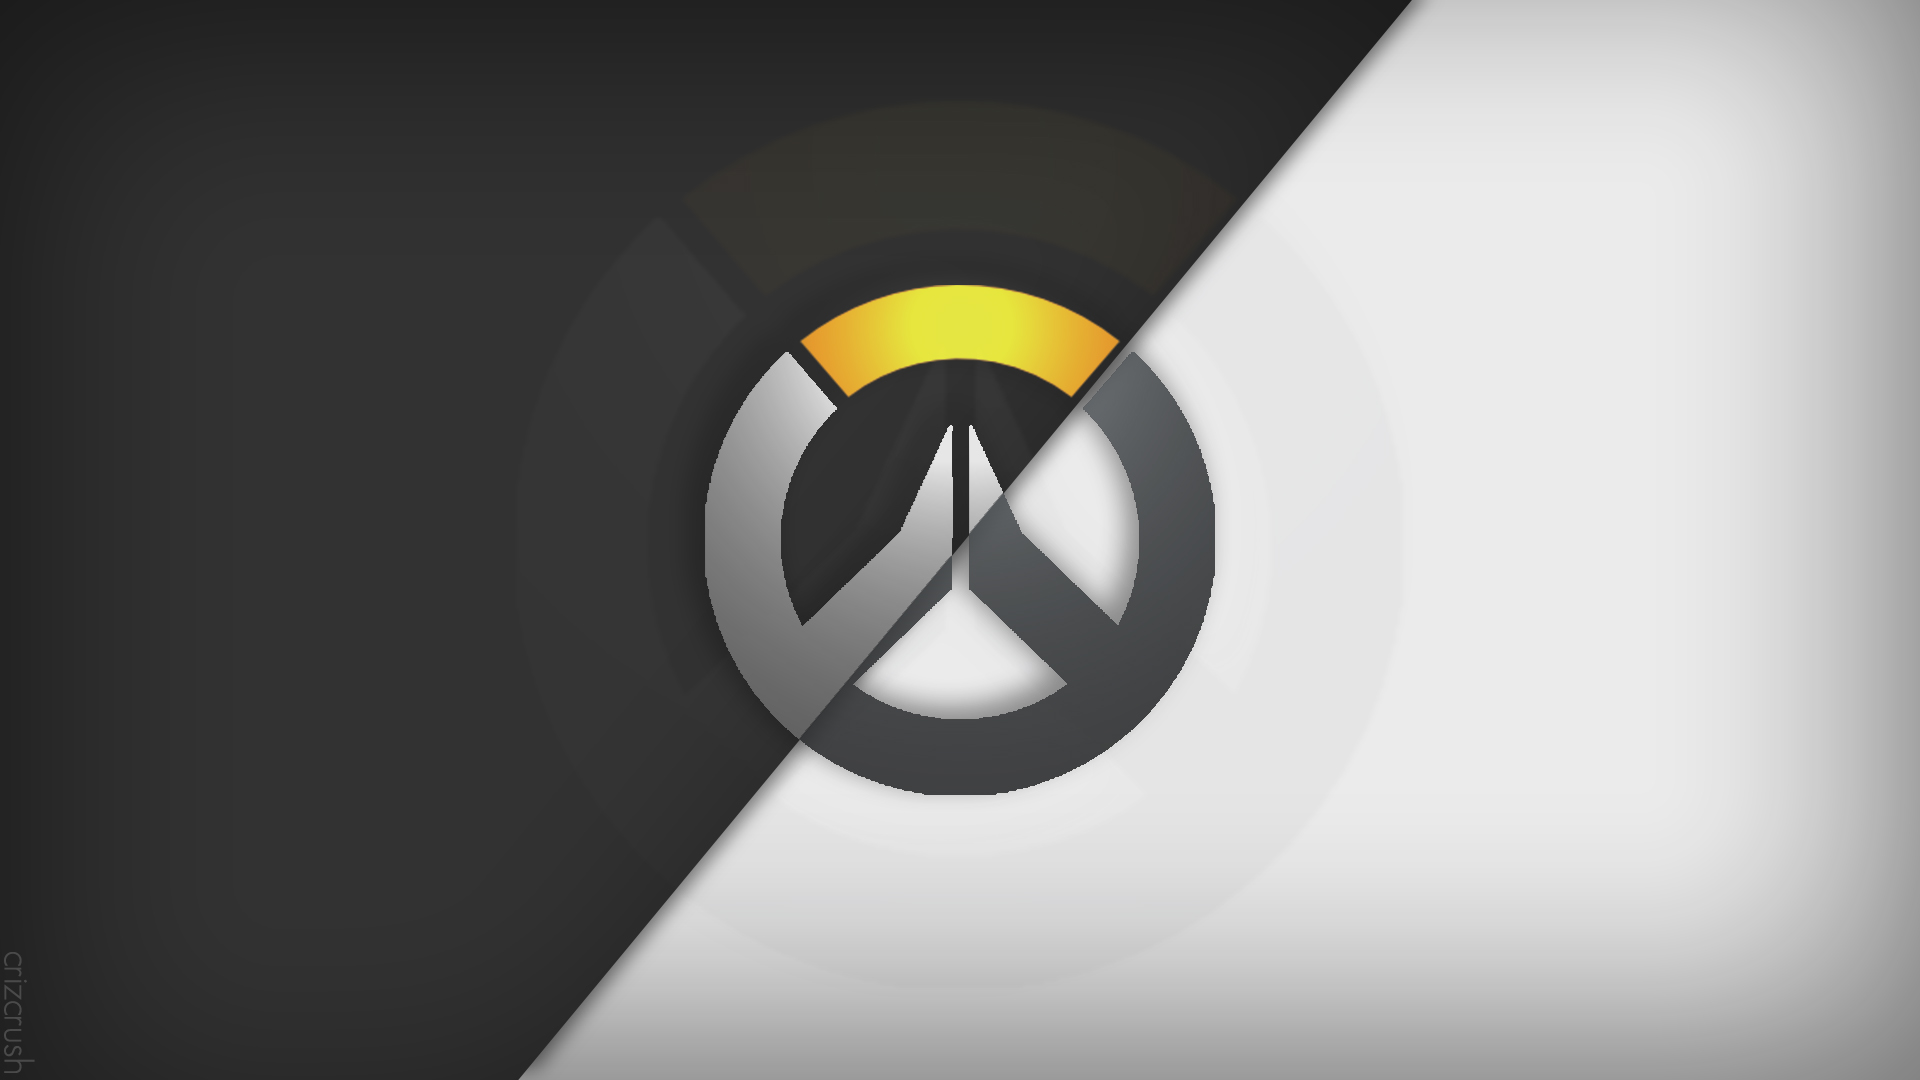 Overwatch Wallpaper Photo Emblem 84370 Hd Wallpaper